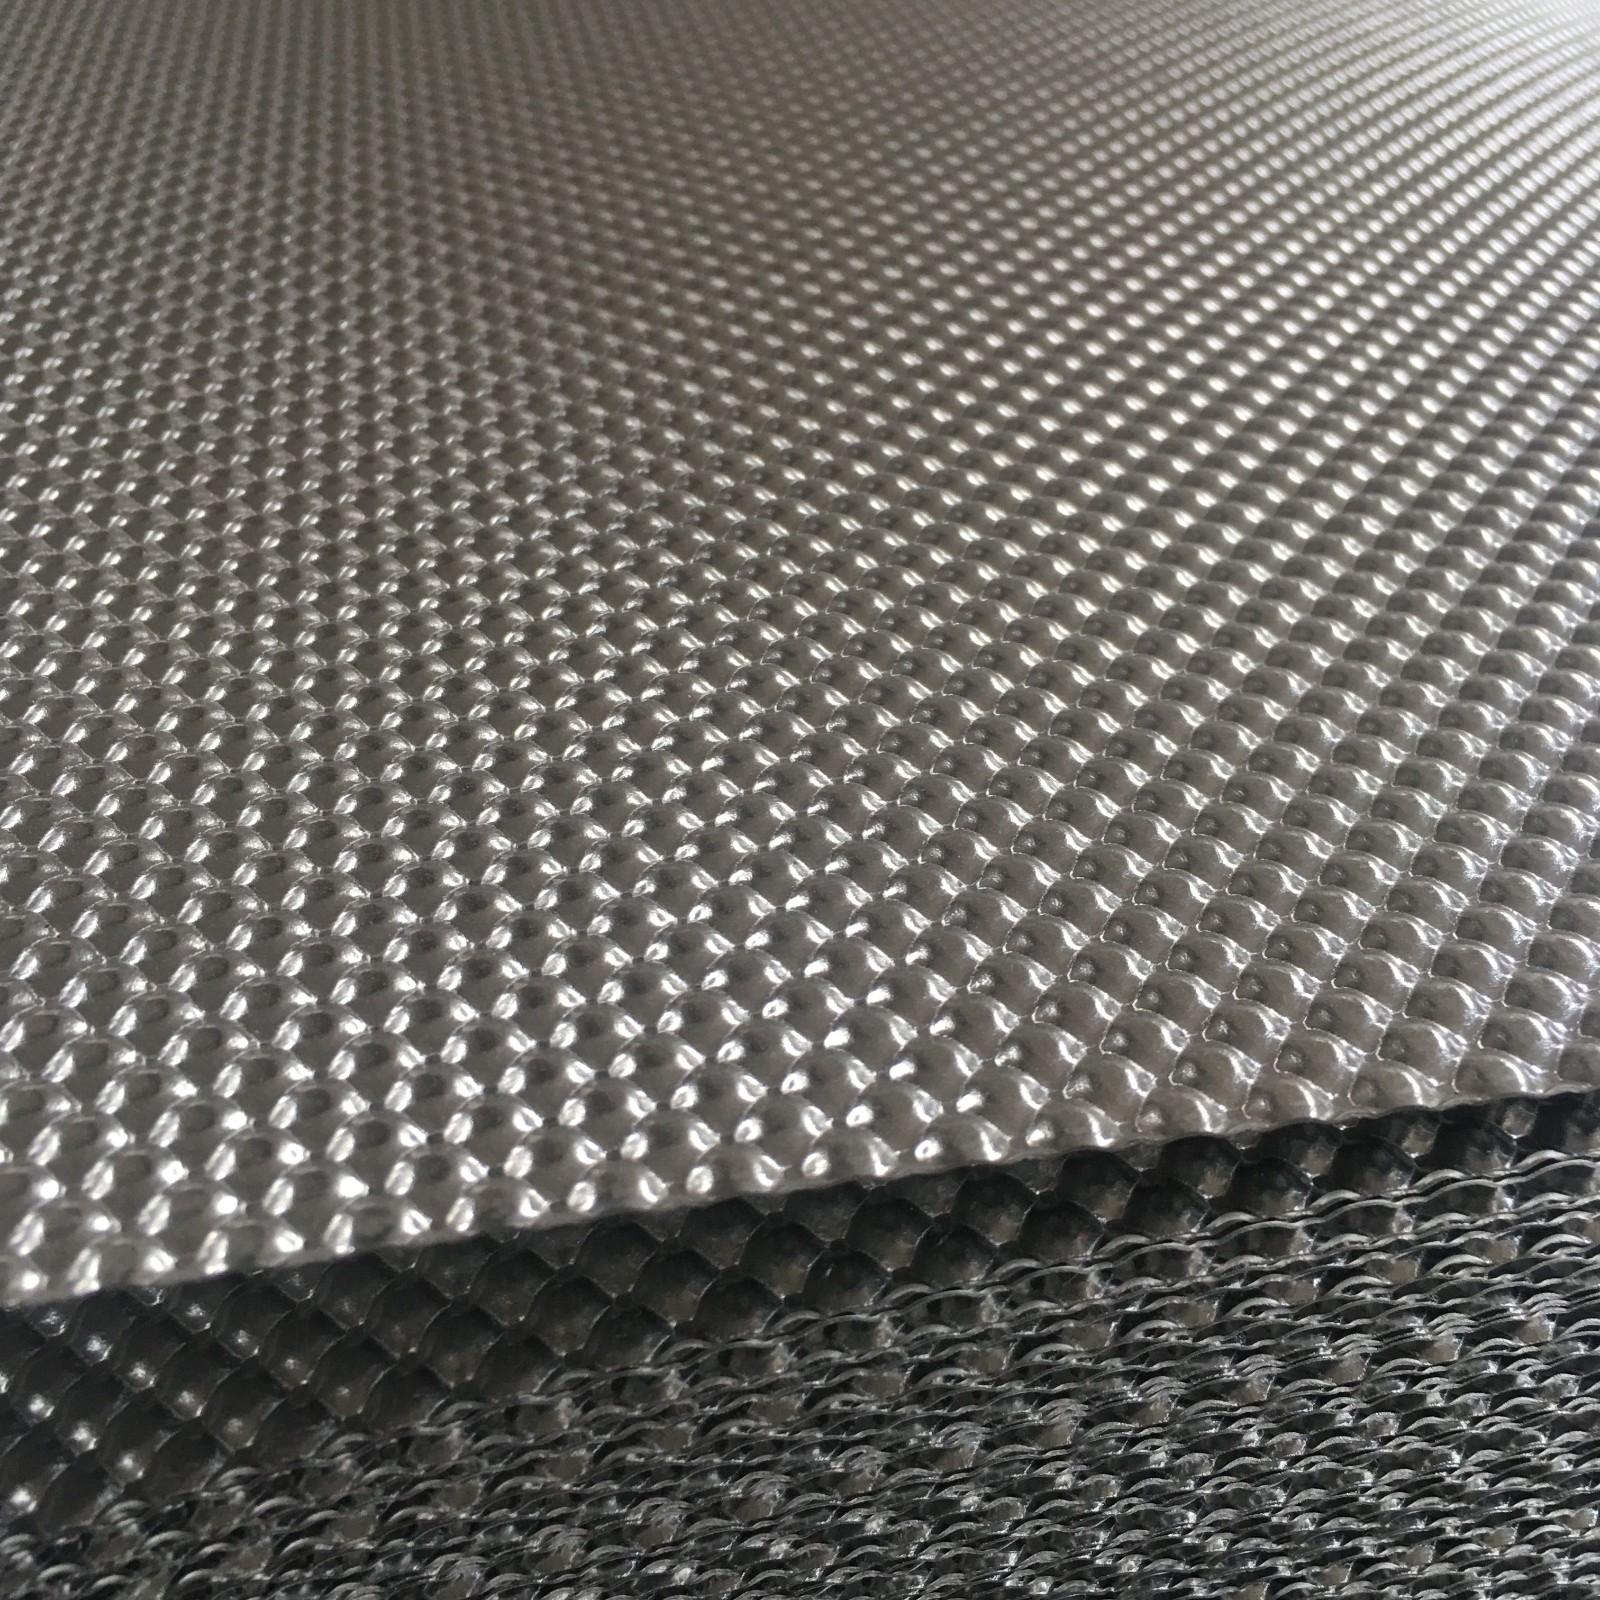 0.5/0.6/0.8毫米 半球纹压花铝板生产厂家/供应商